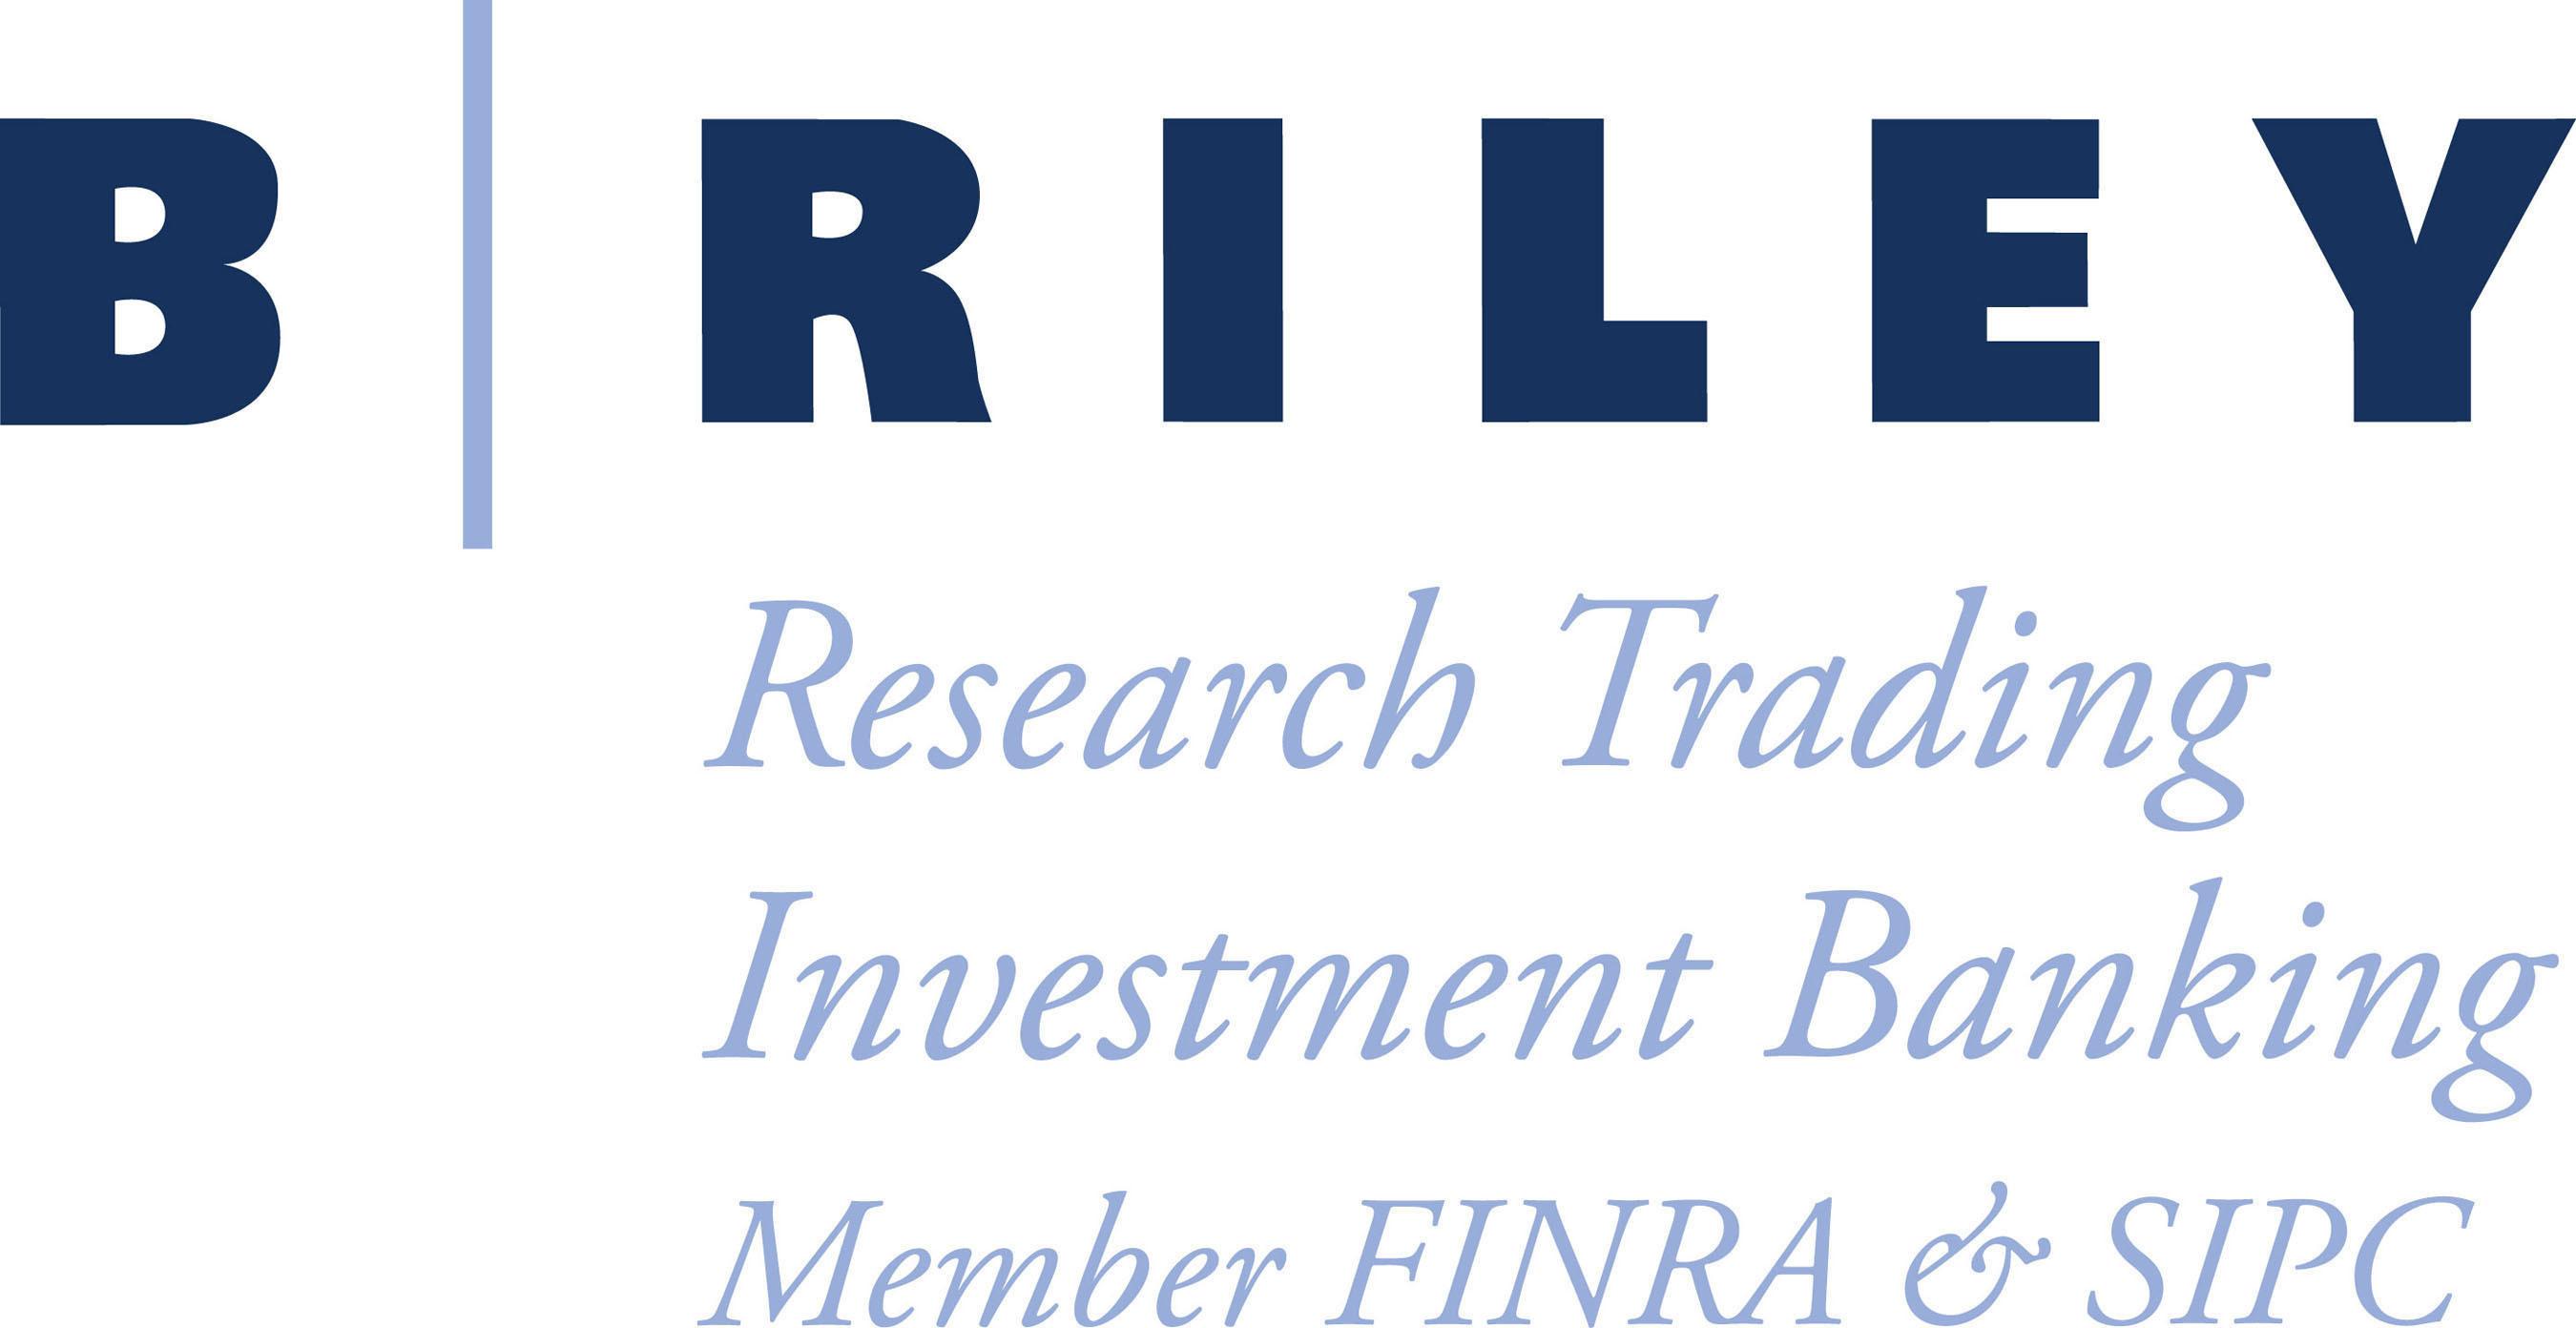 B. Riley & Co. Logo.